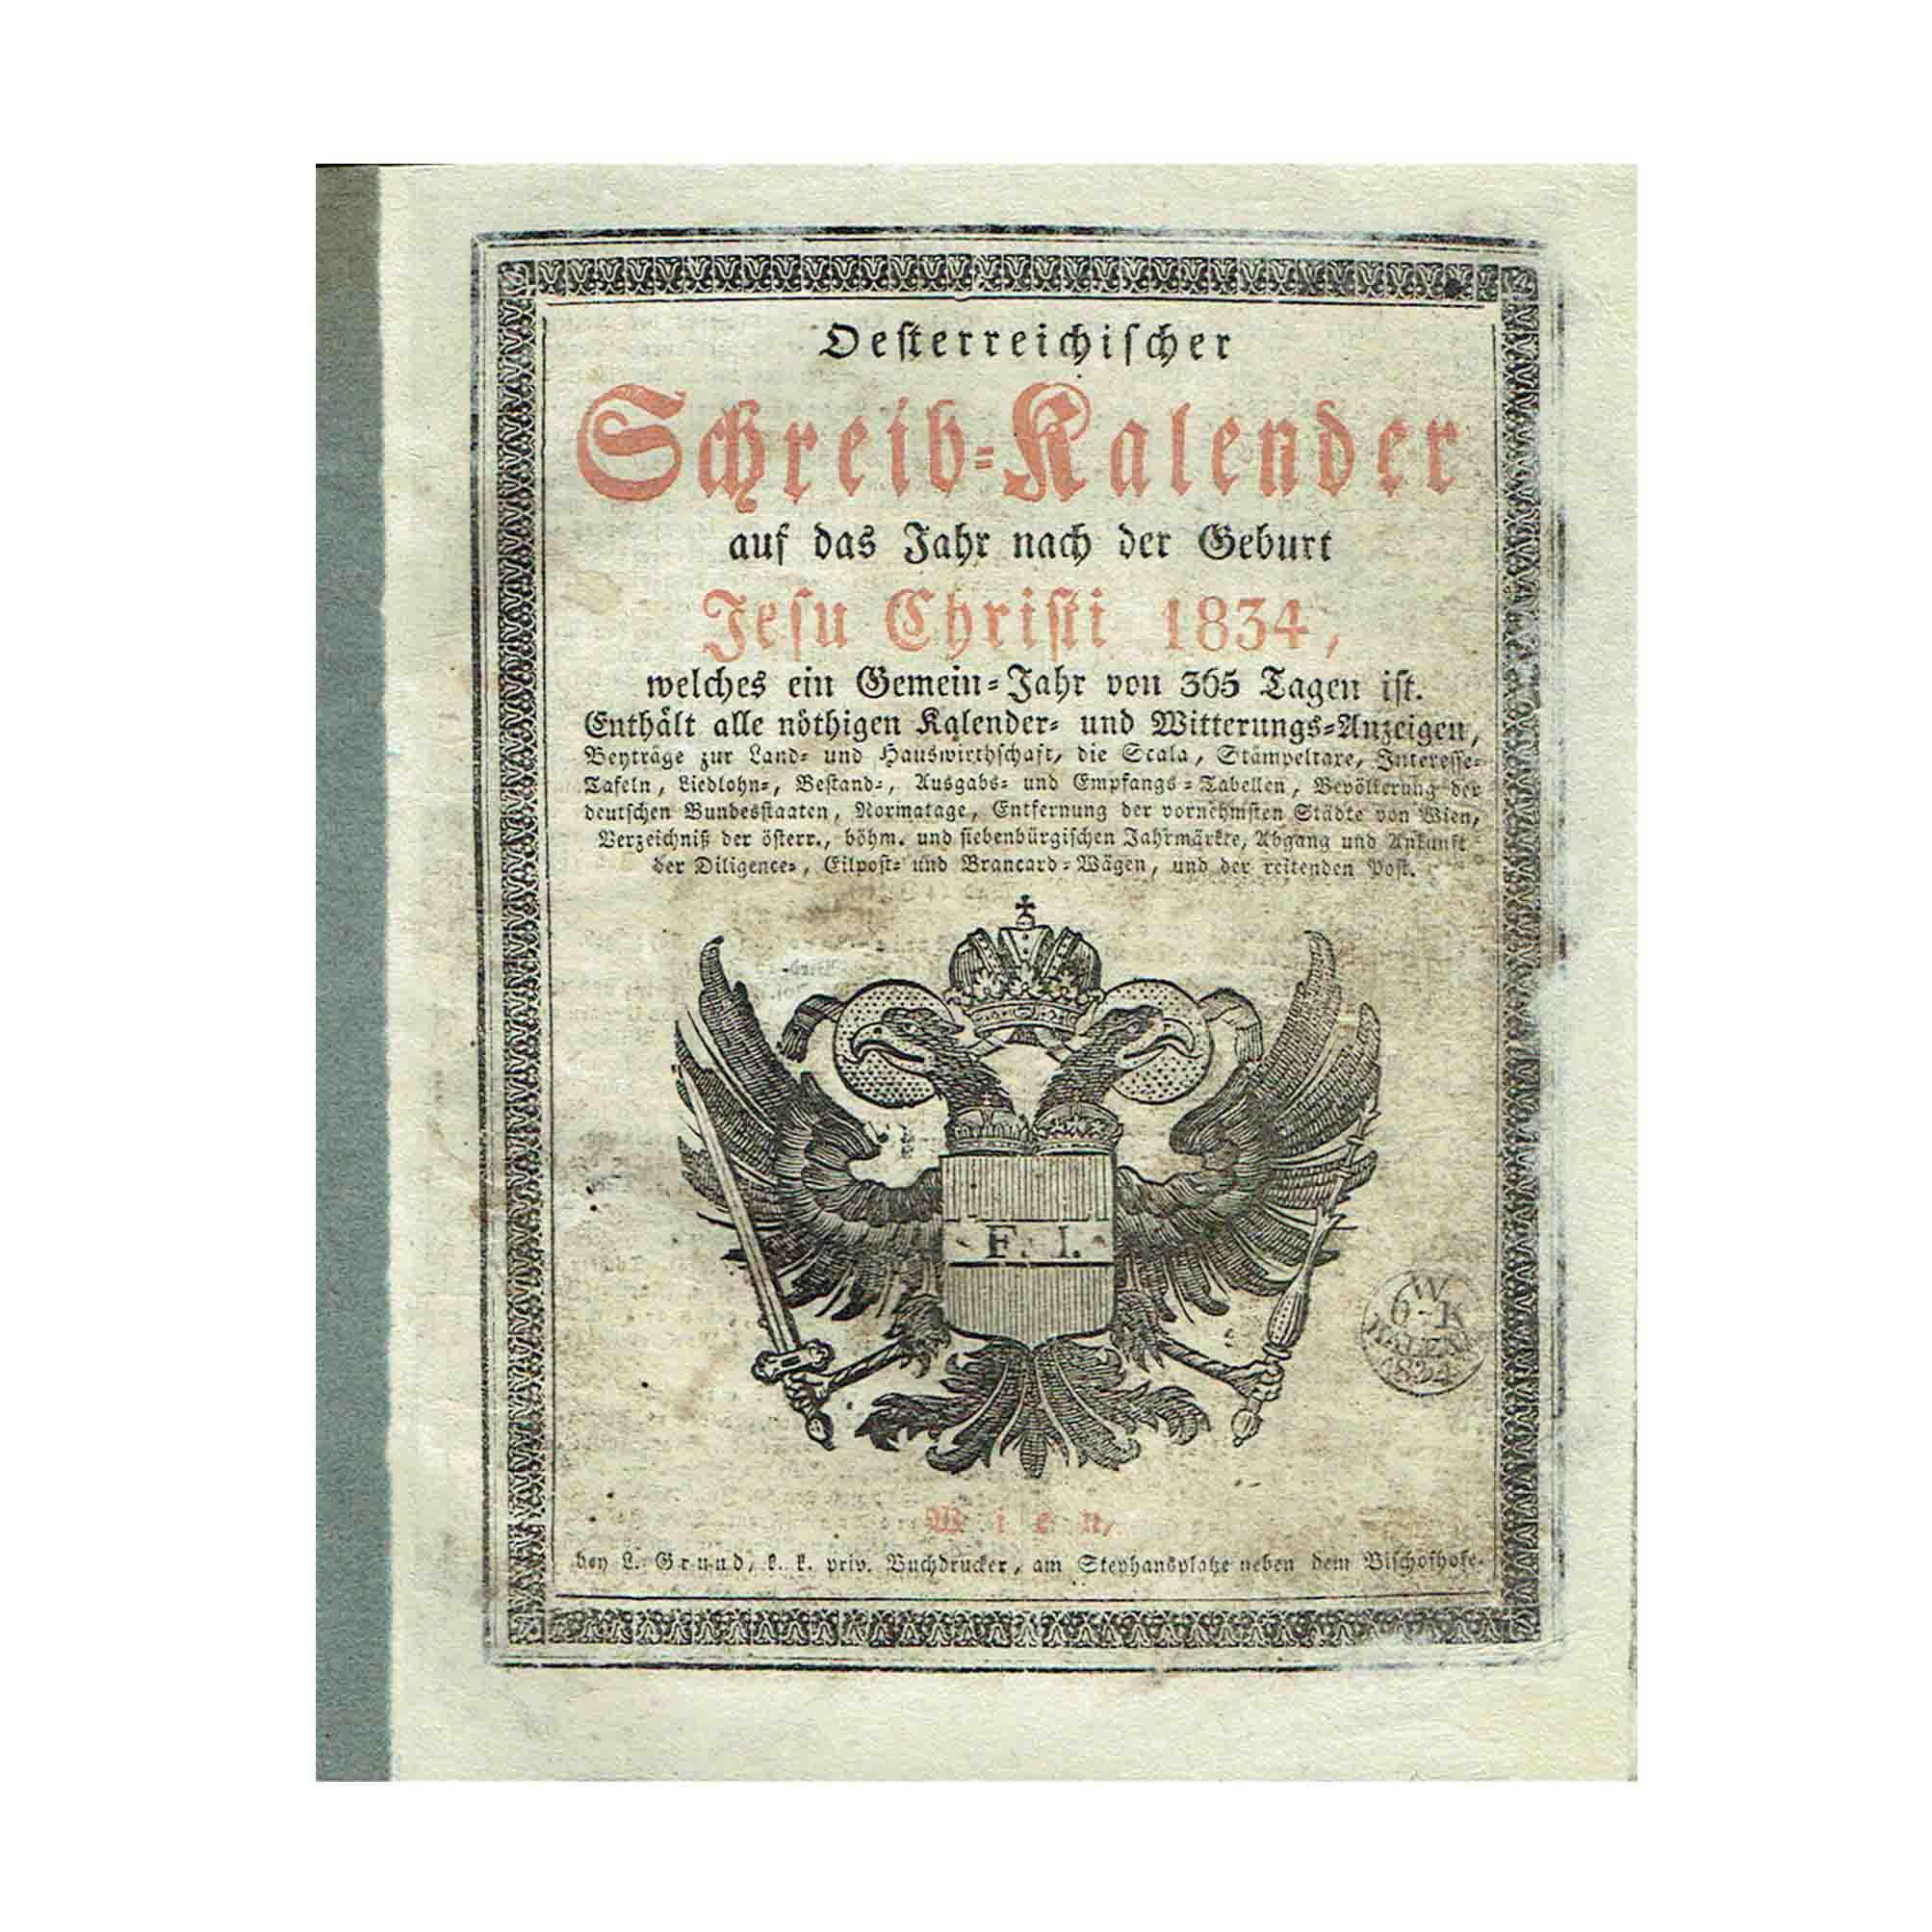 5979-Oesterreichischer-Schreibkalender-1834-Titelblatt-N.jpeg